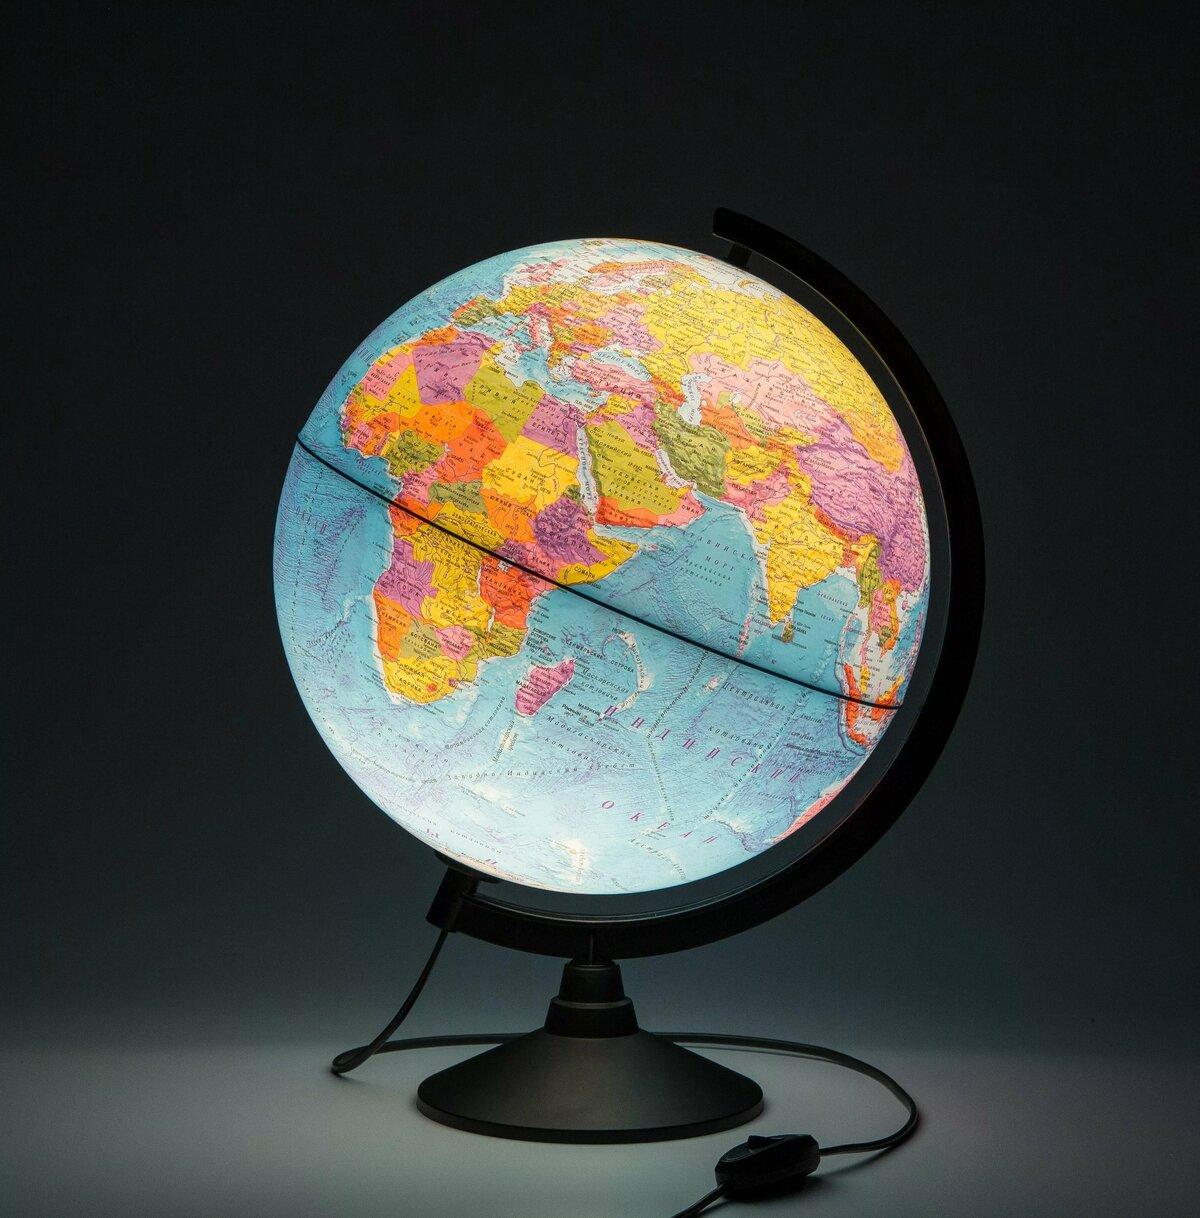 картинки карты или глобус пользу